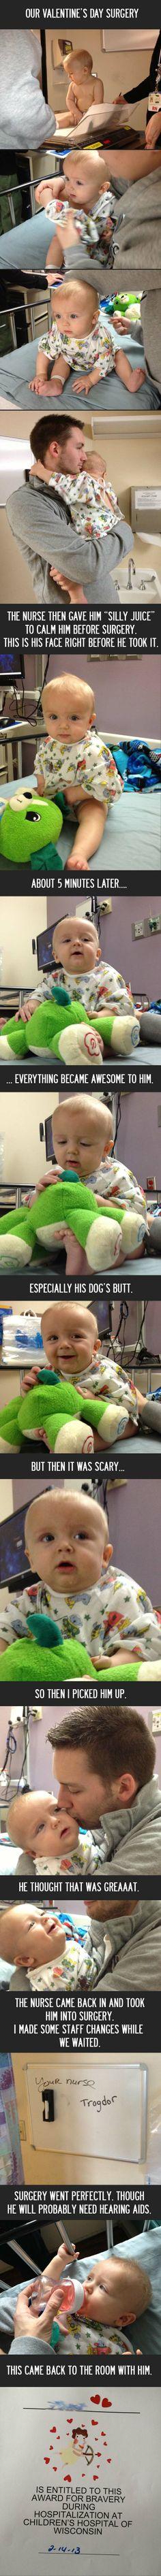 Brave little guy. - Imgur